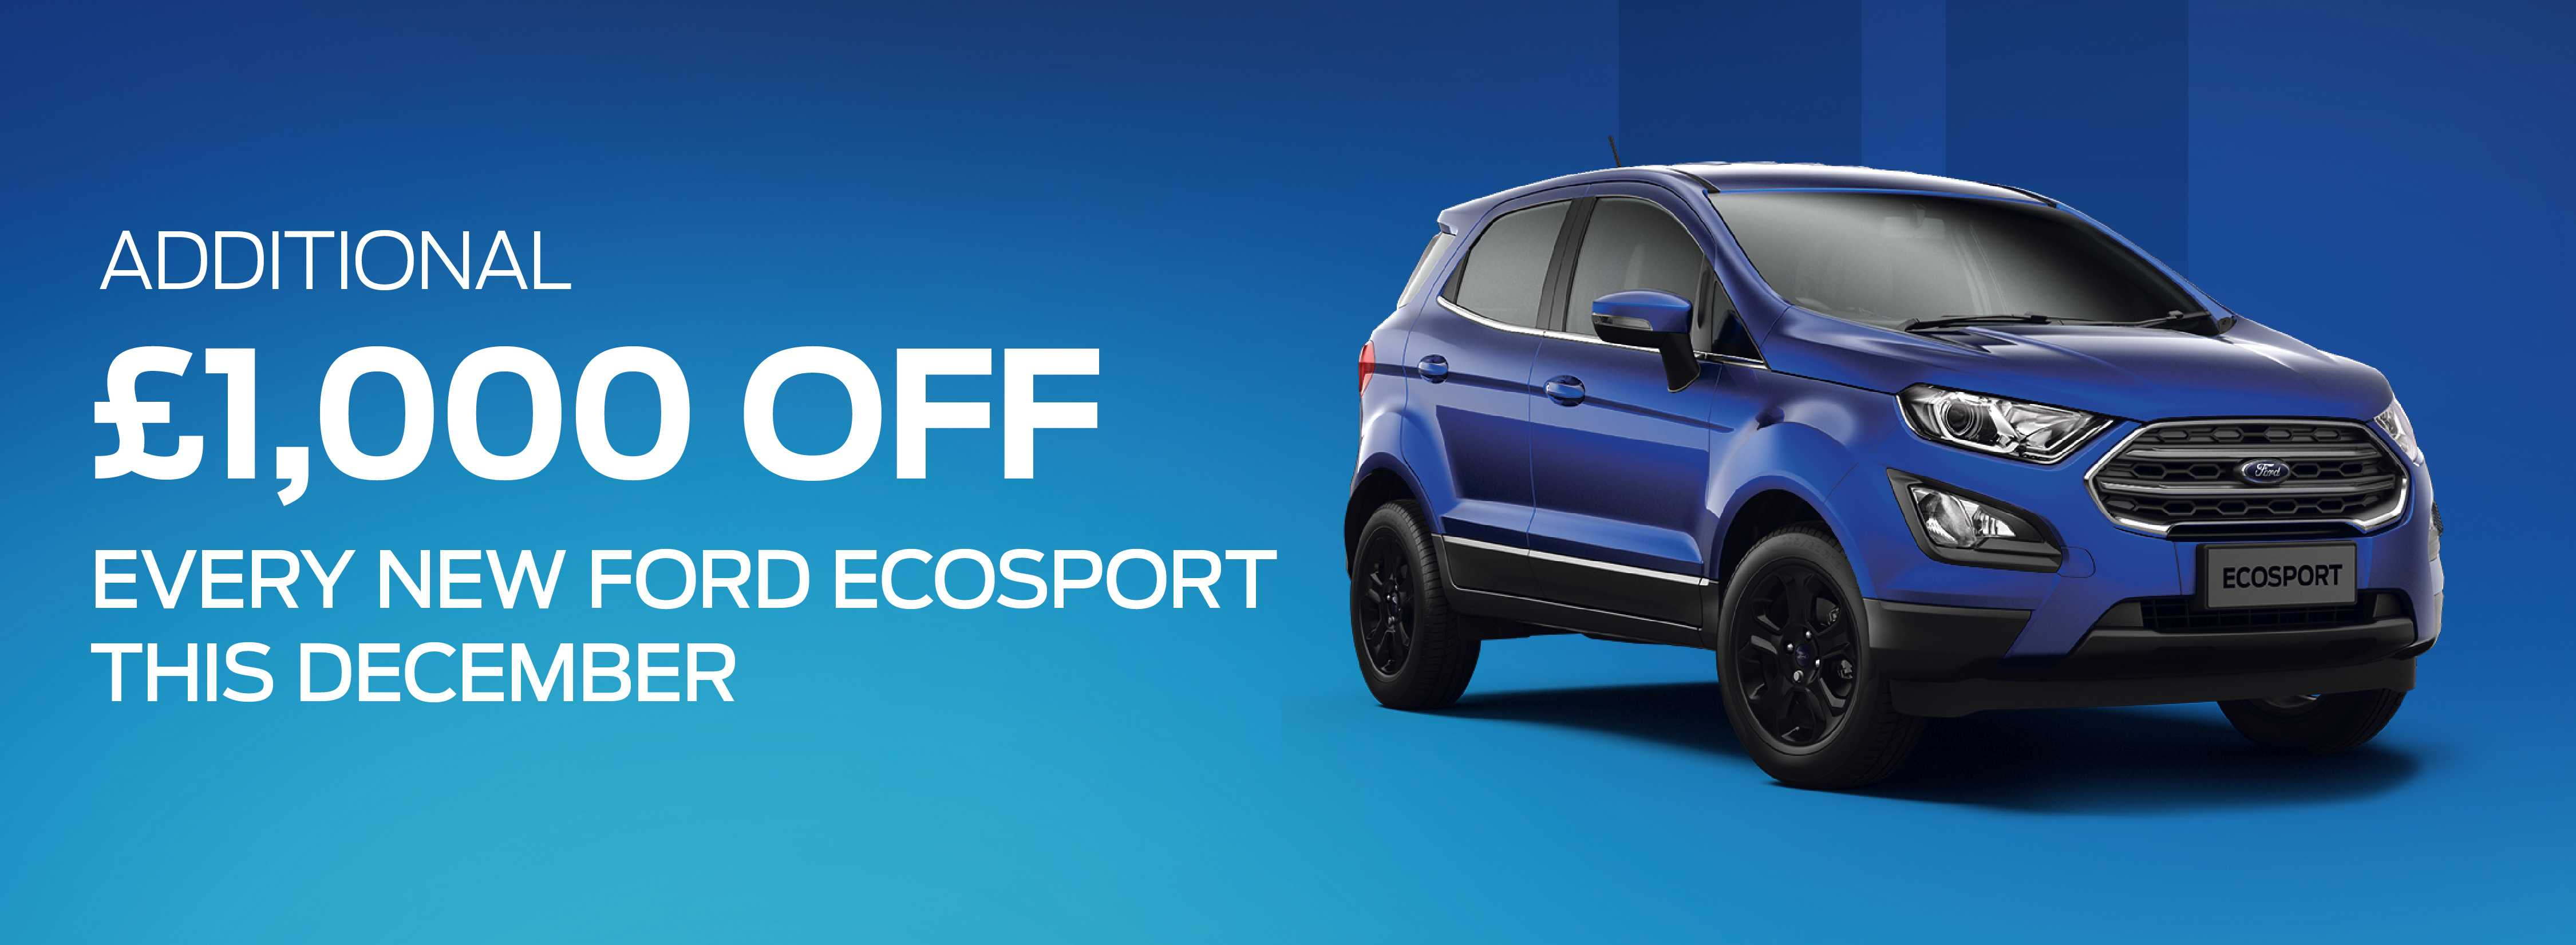 Ford EcoSport December Offer Banner